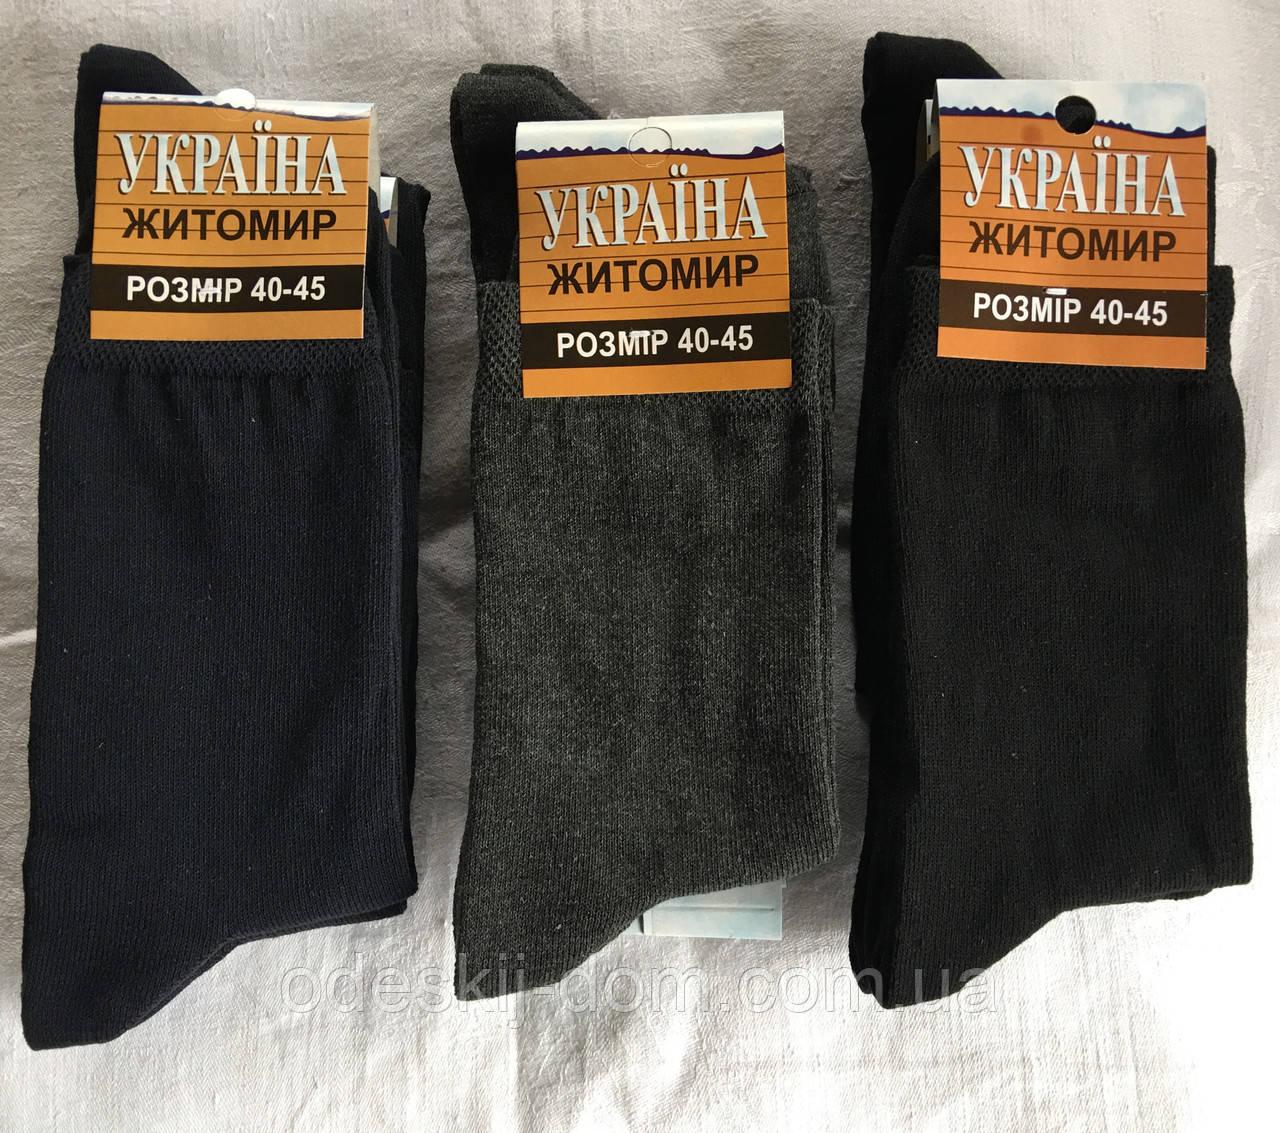 Житомир носки стрейчевые Украина